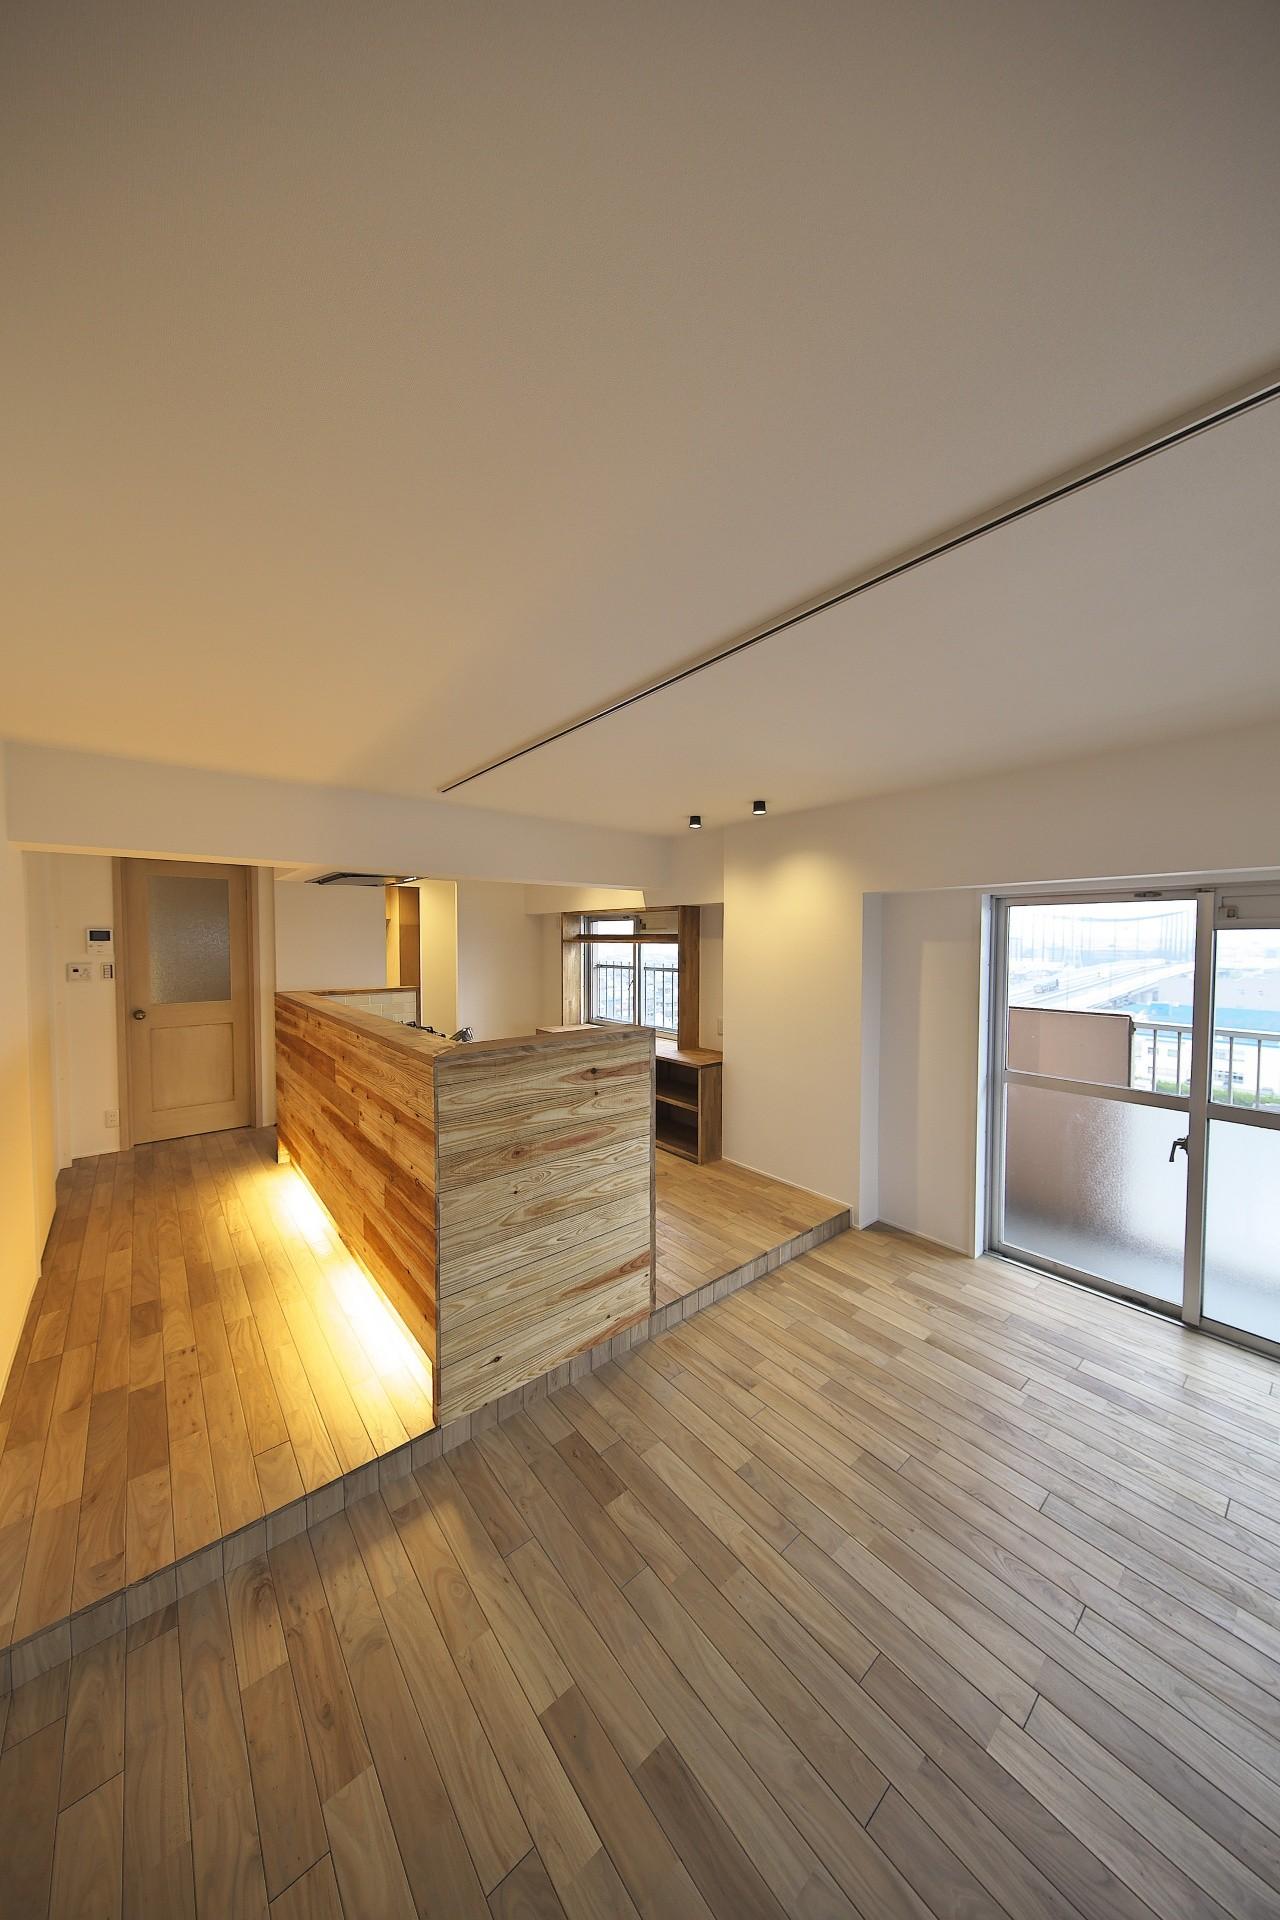 リビングダイニング事例:ナチュラルな雰囲気のキッチン(充実した収納でいつでもキレイな家に。アンティークな雰囲気漂うマンションリノベーション)